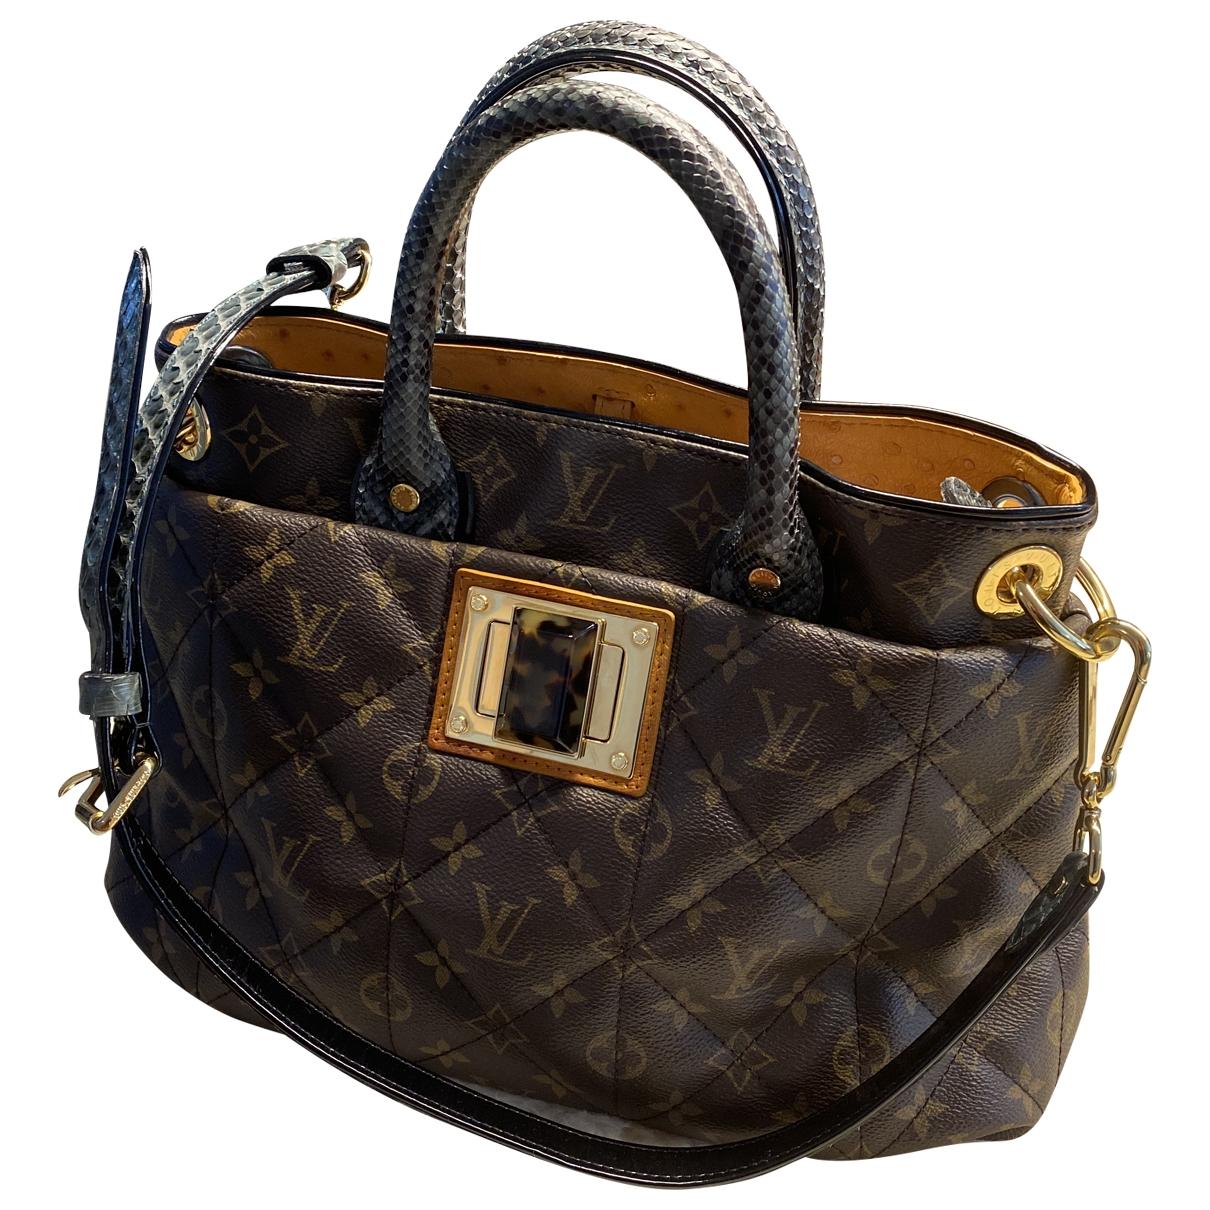 Louis Vuitton Etoile Shopper Handtasche in  Braun Leder